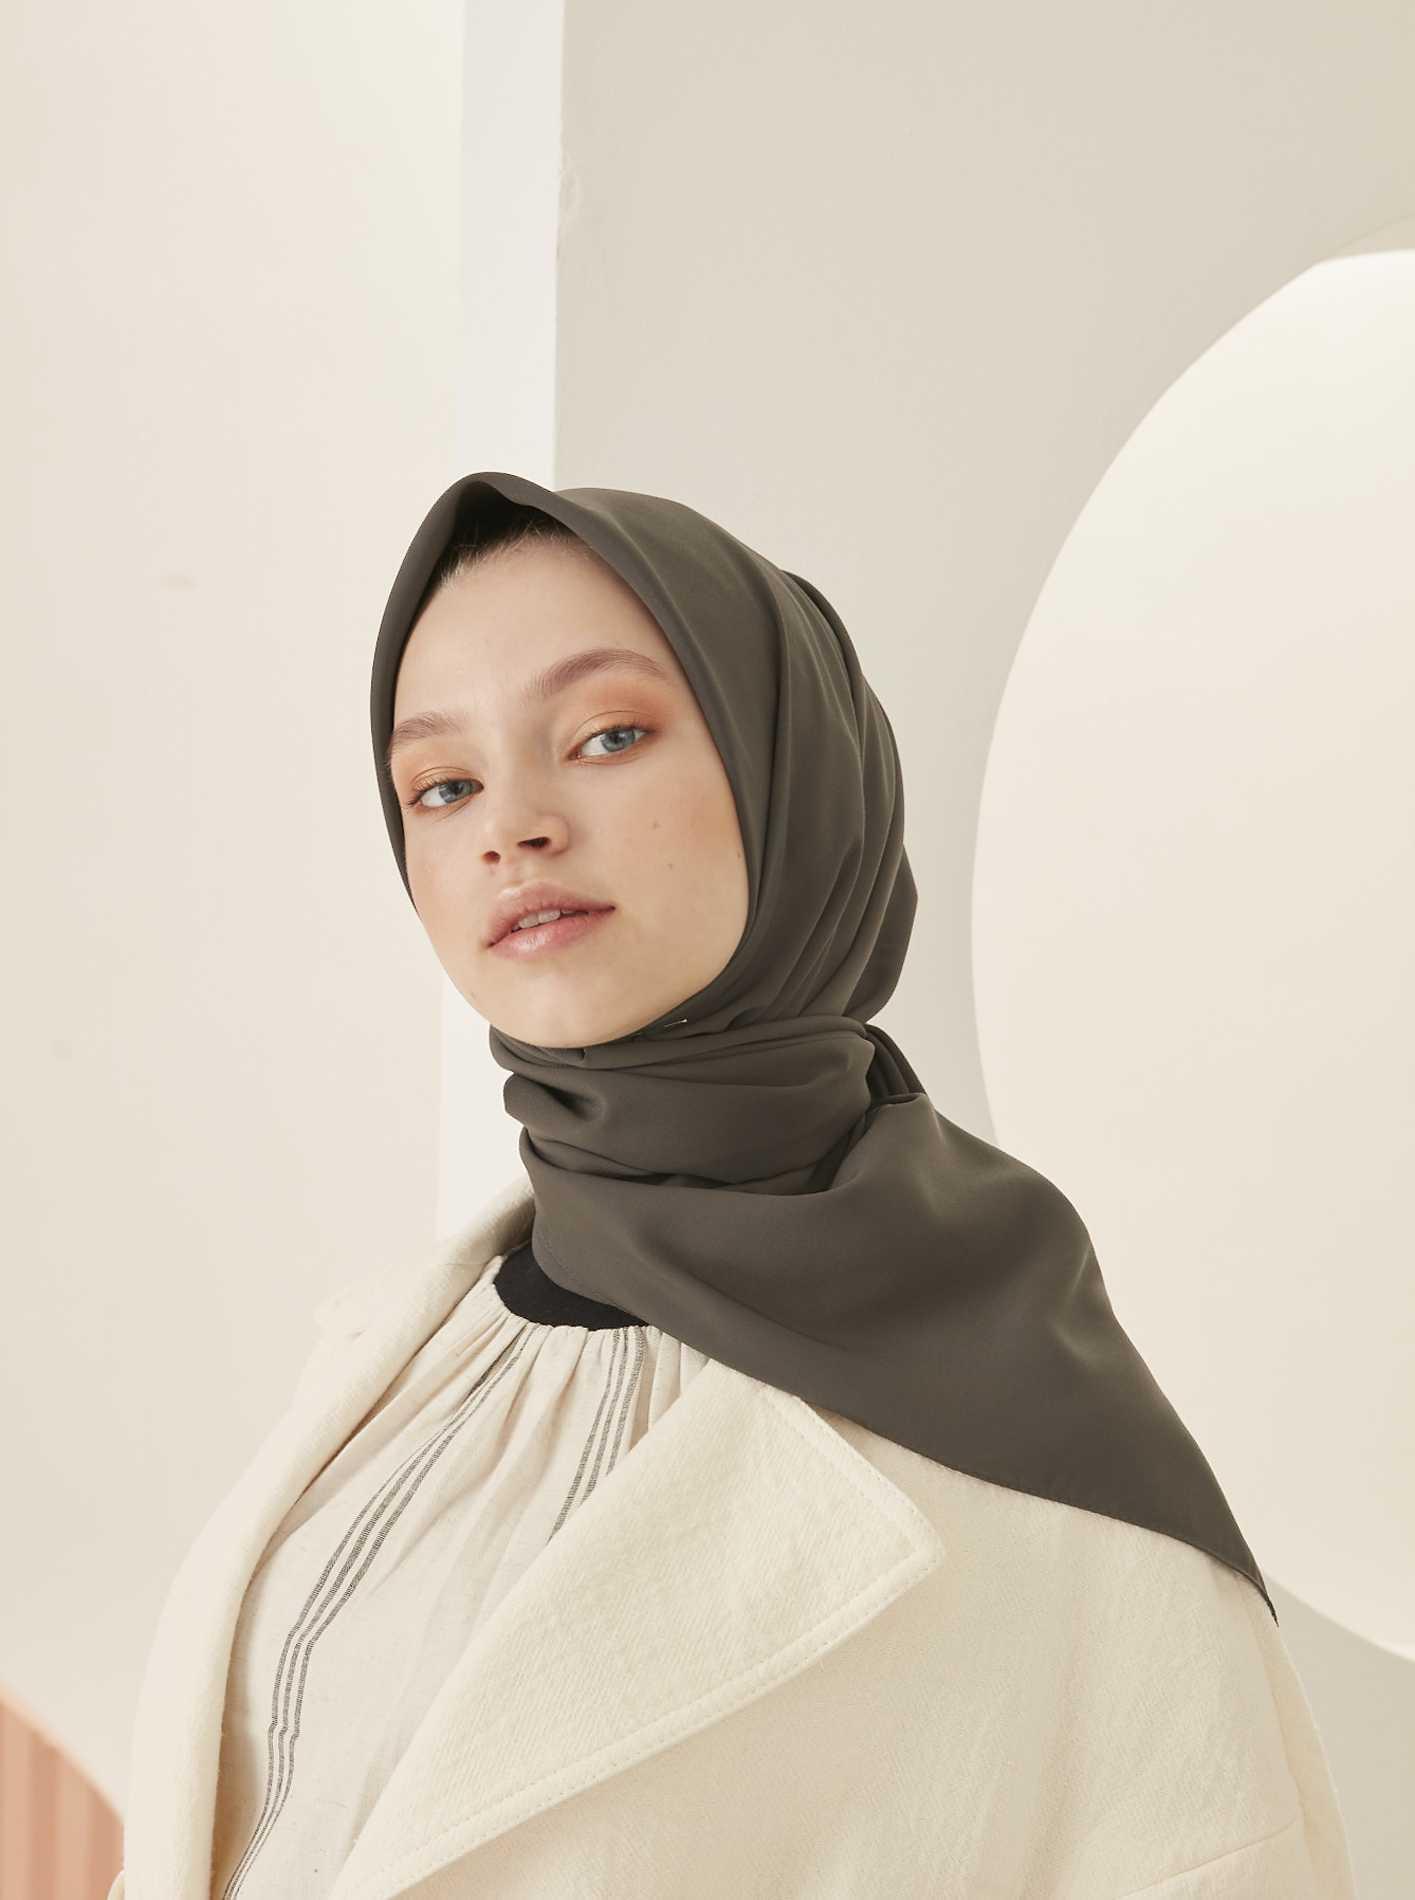 Modakaşmir Medine İpeği Eşarp Modelleri